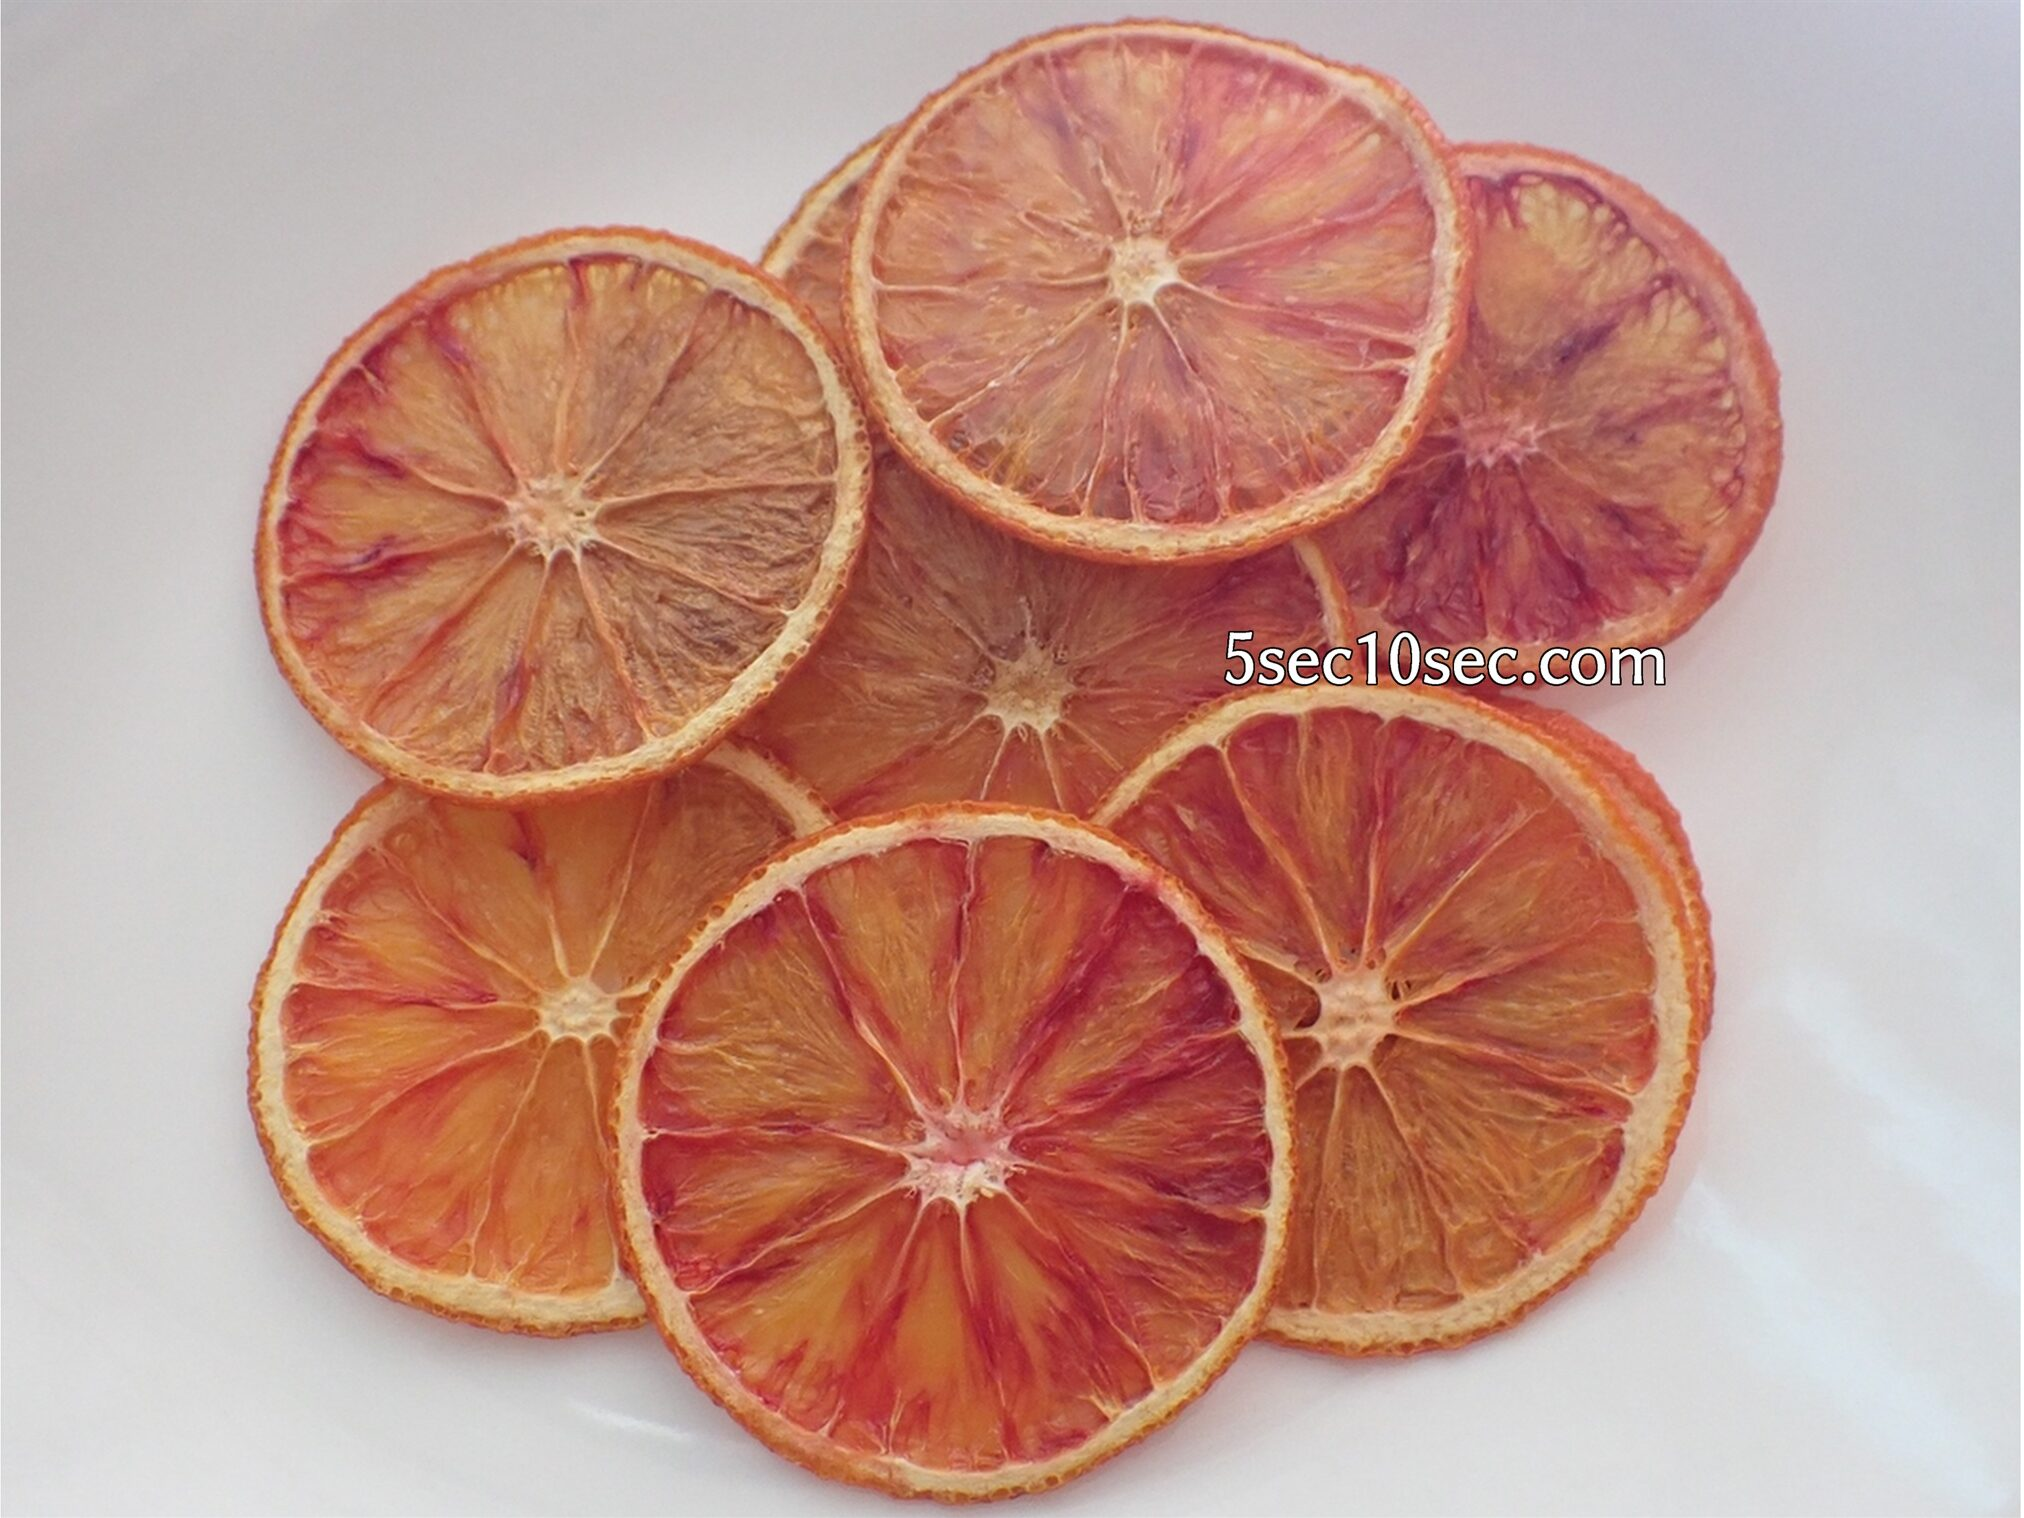 ブラッドオレンジ モロ種、タロッコ種 家庭用オーブンで家で作ったブラッドオレンジのドライフルーツ